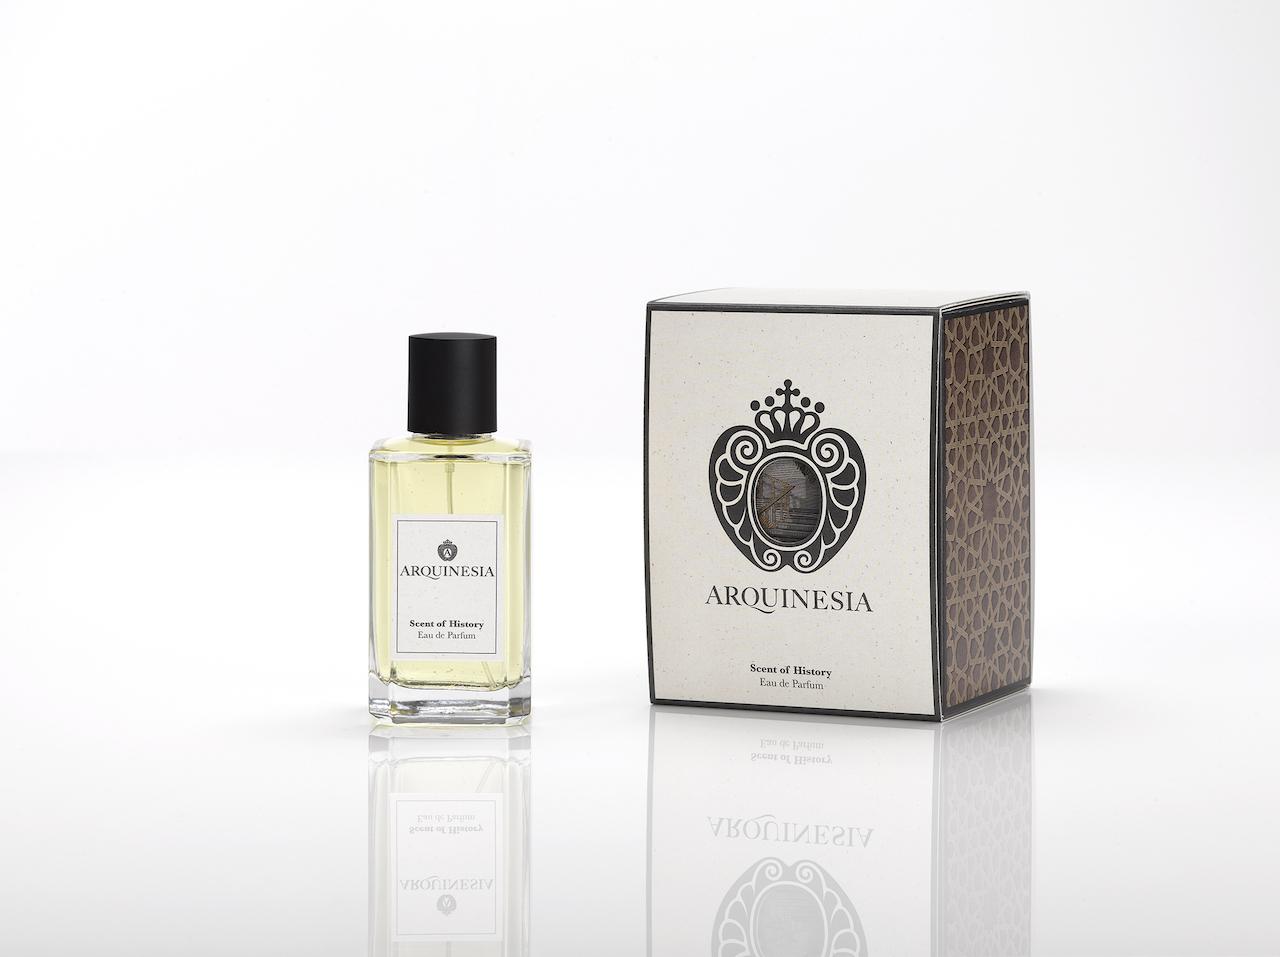 Das Eau de Parfum ist ein natürlicher Duft, der aus ätherischen Ölen mit den besten, sorgfältig ausgewählten organischen Rohstoffen hergestellt wird. Duft: Scent of History.